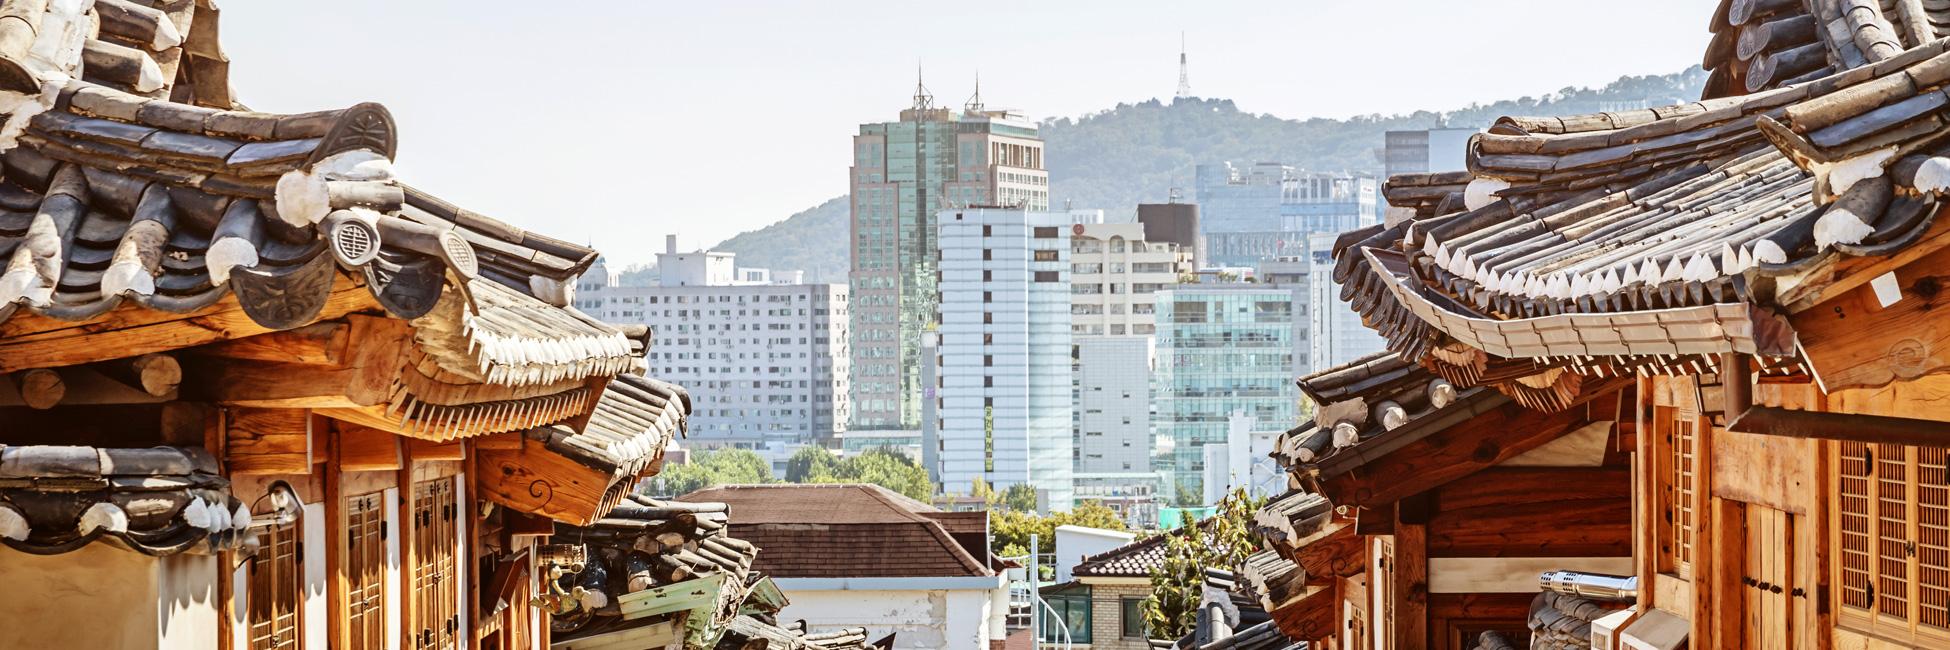 Bain Korea - Bain & Company